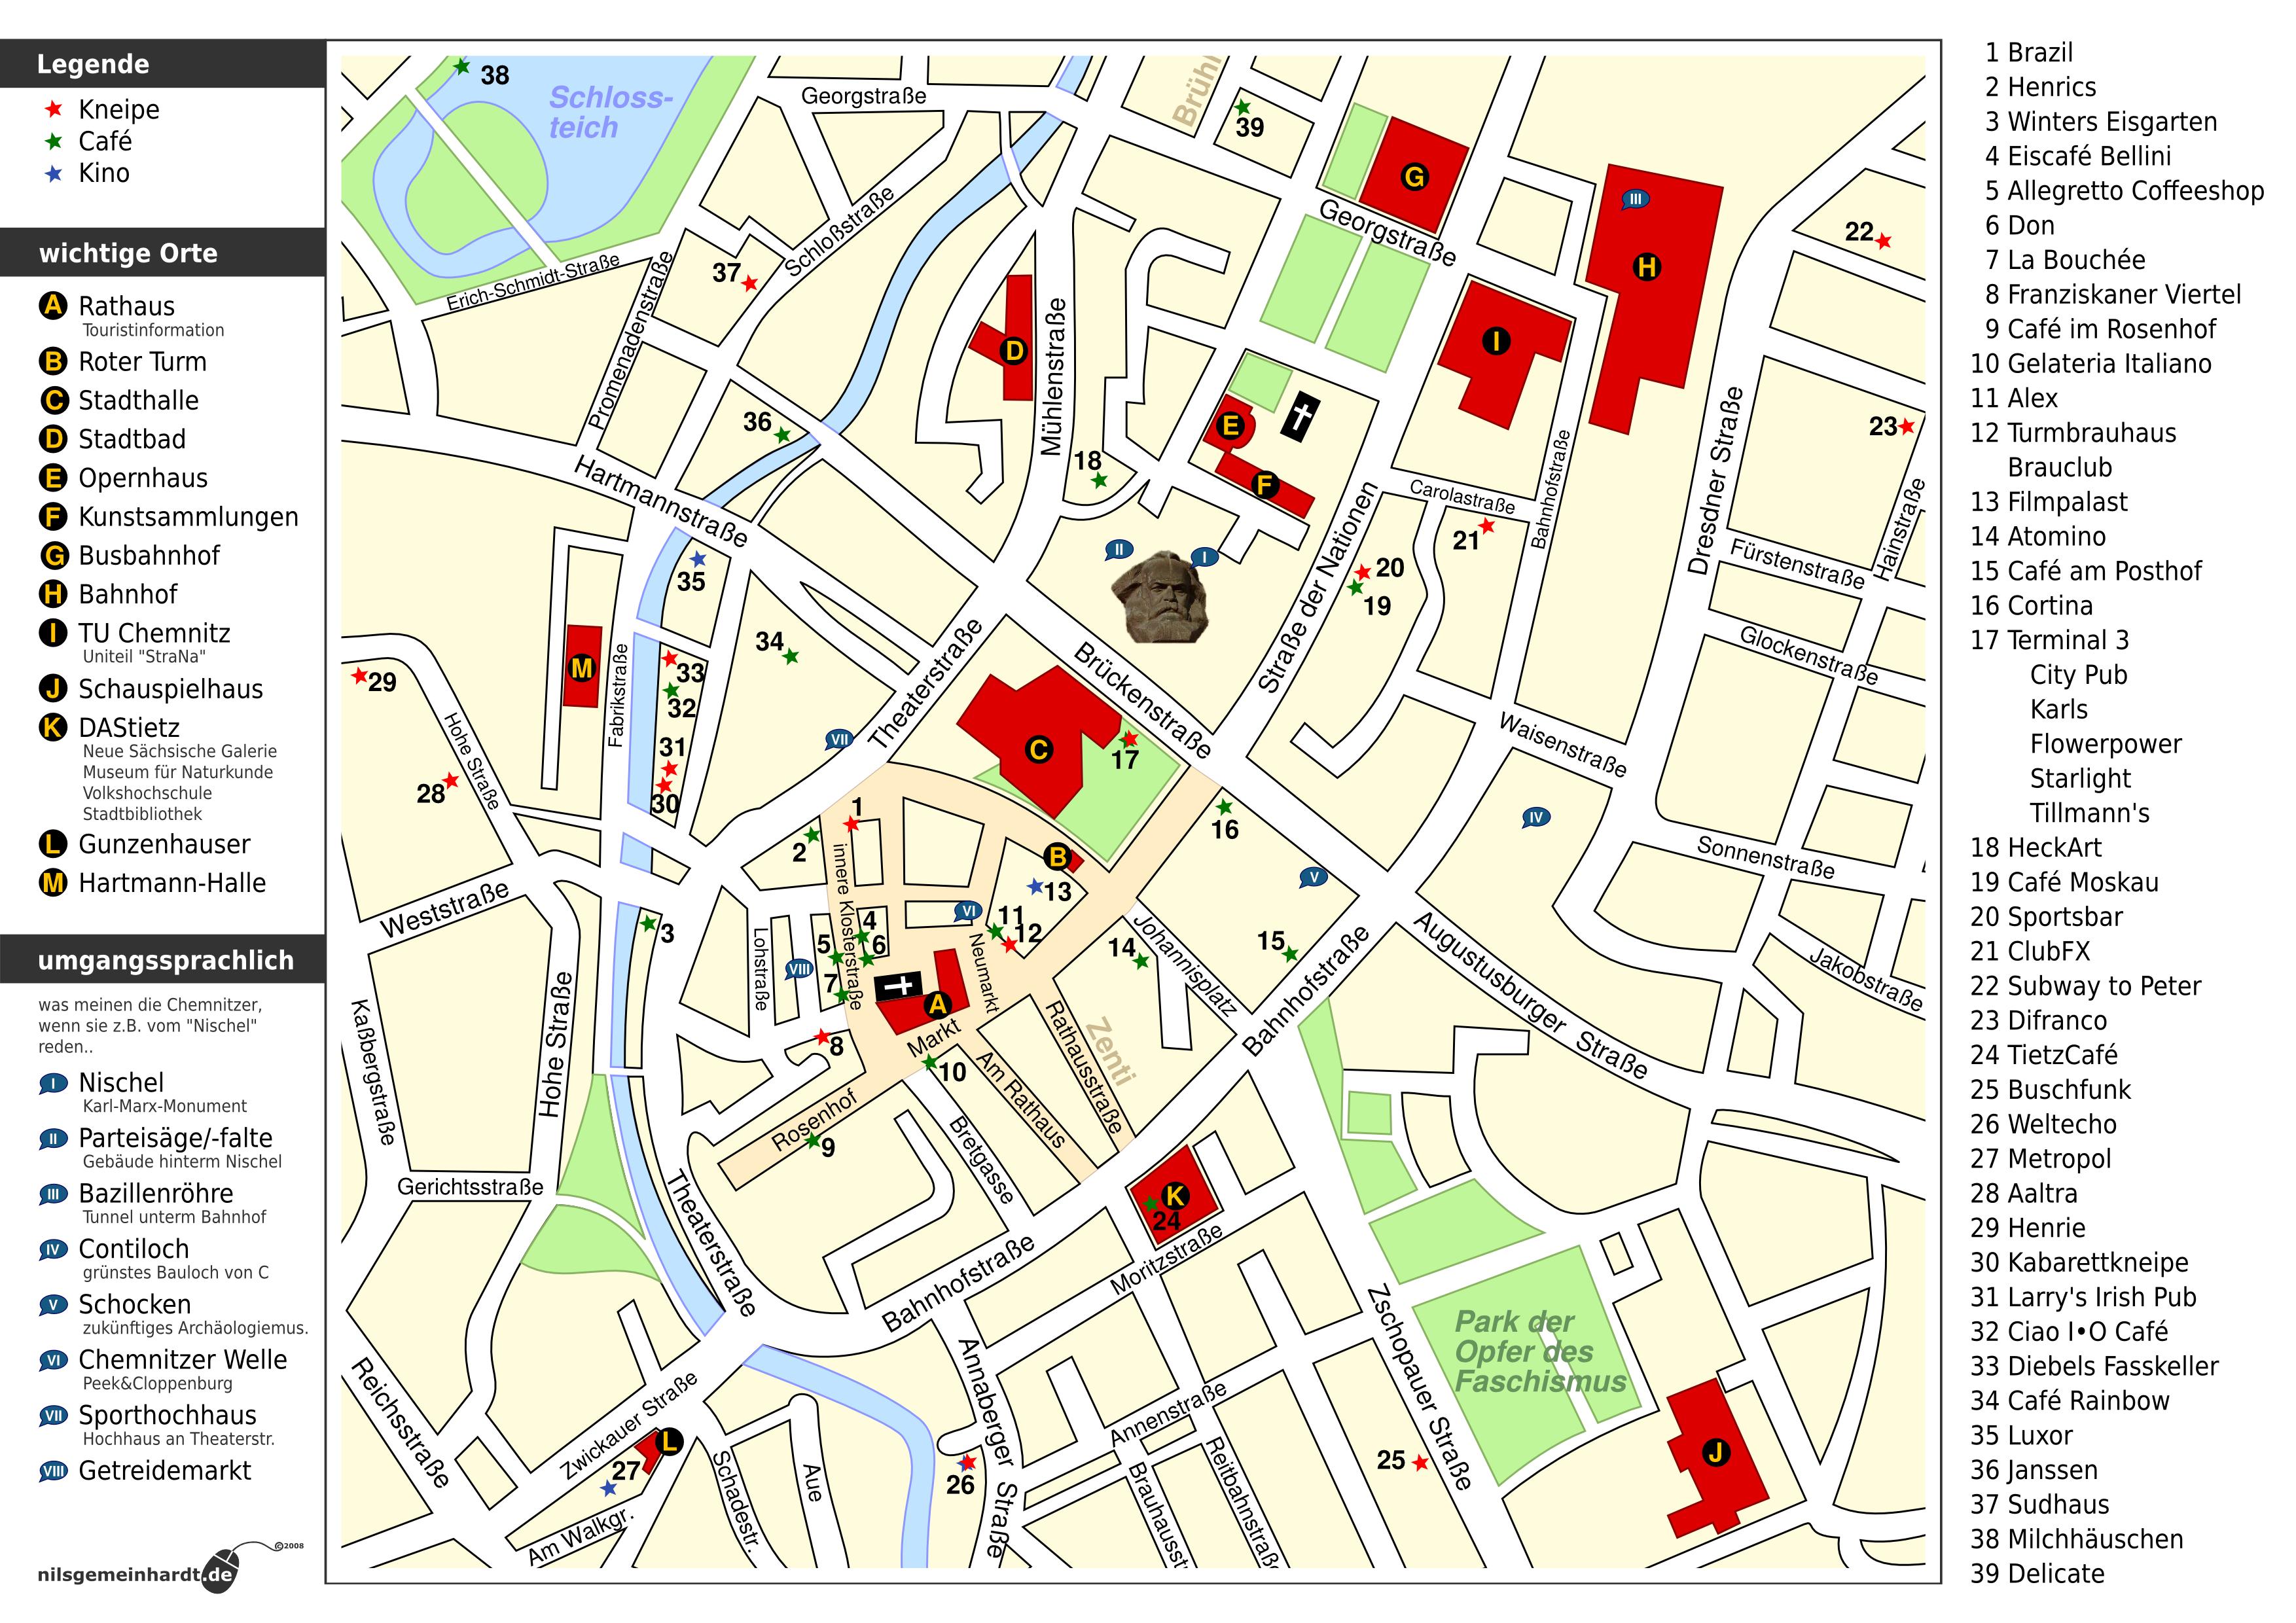 Karte Chemnitz.Mit Kneipenkarte Durch Chemnitz Studieren In Chemnitz